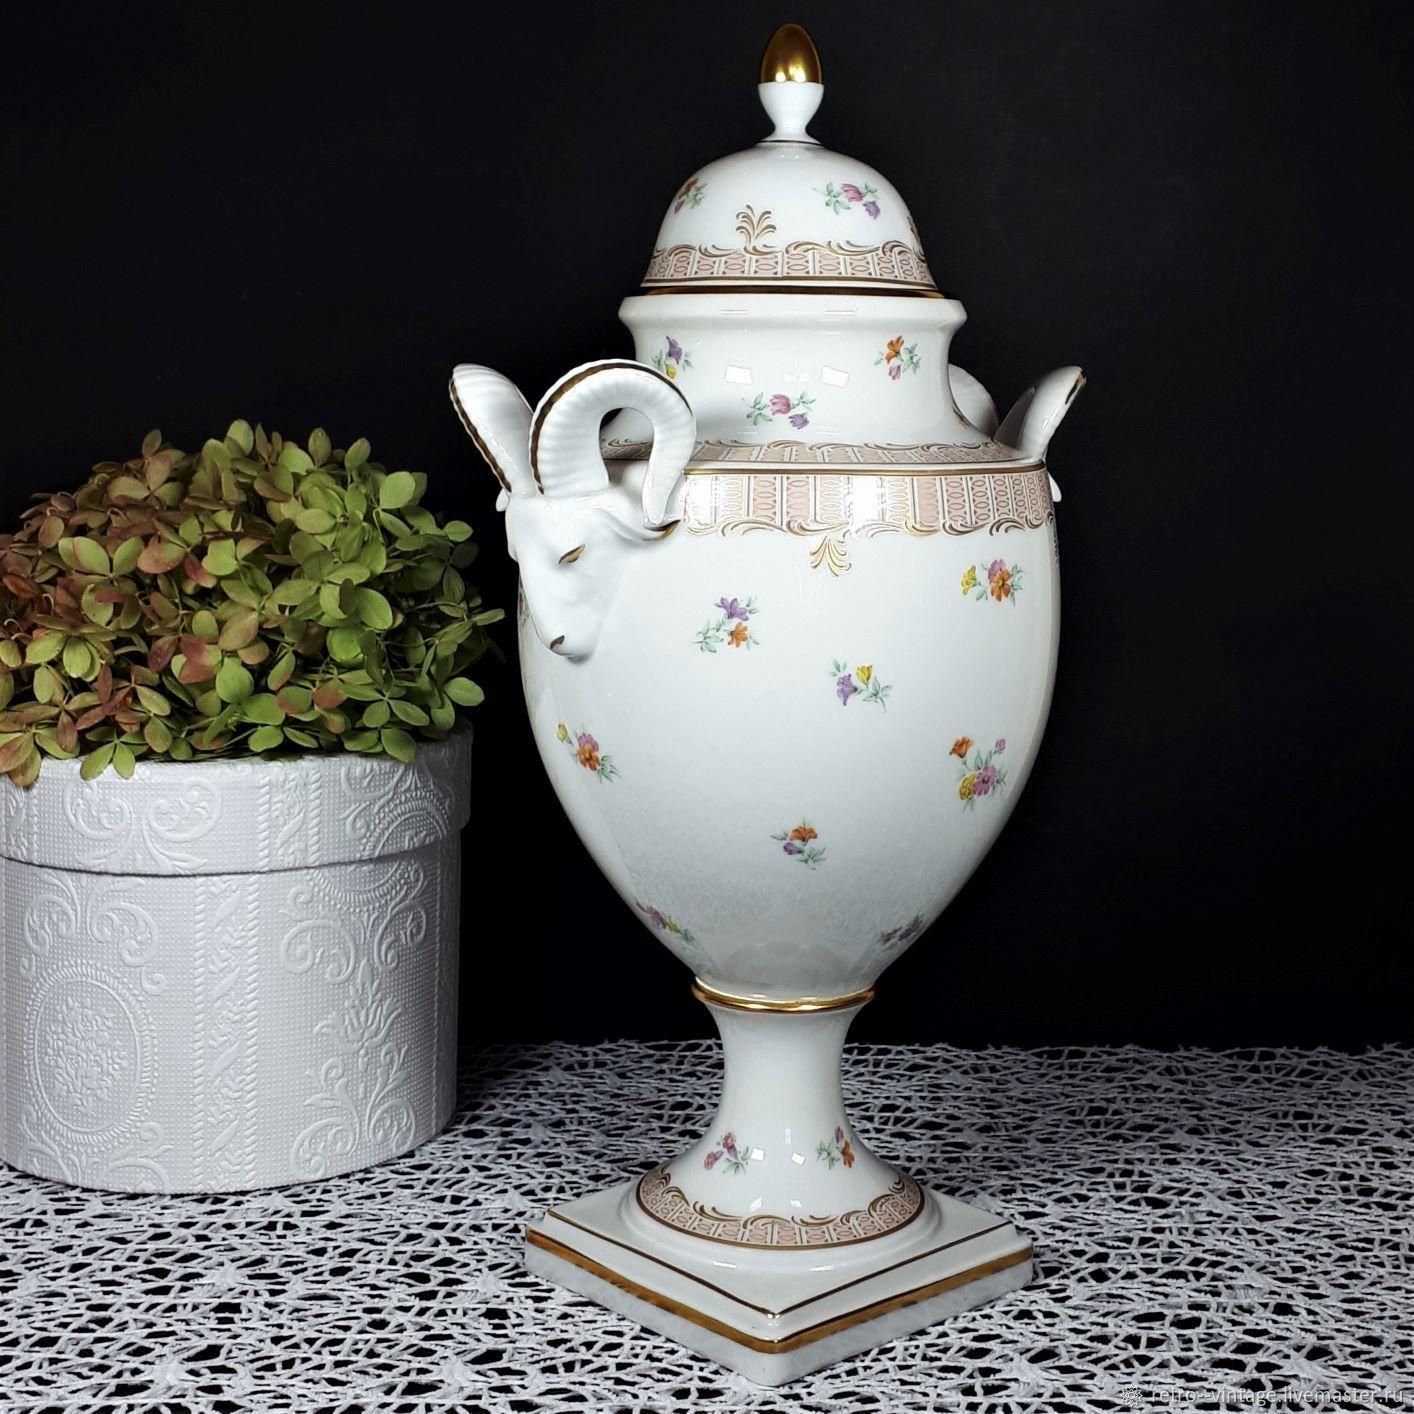 Porcelain vase, Kaiser, Germany, Vintage interior, Munster,  Фото №1